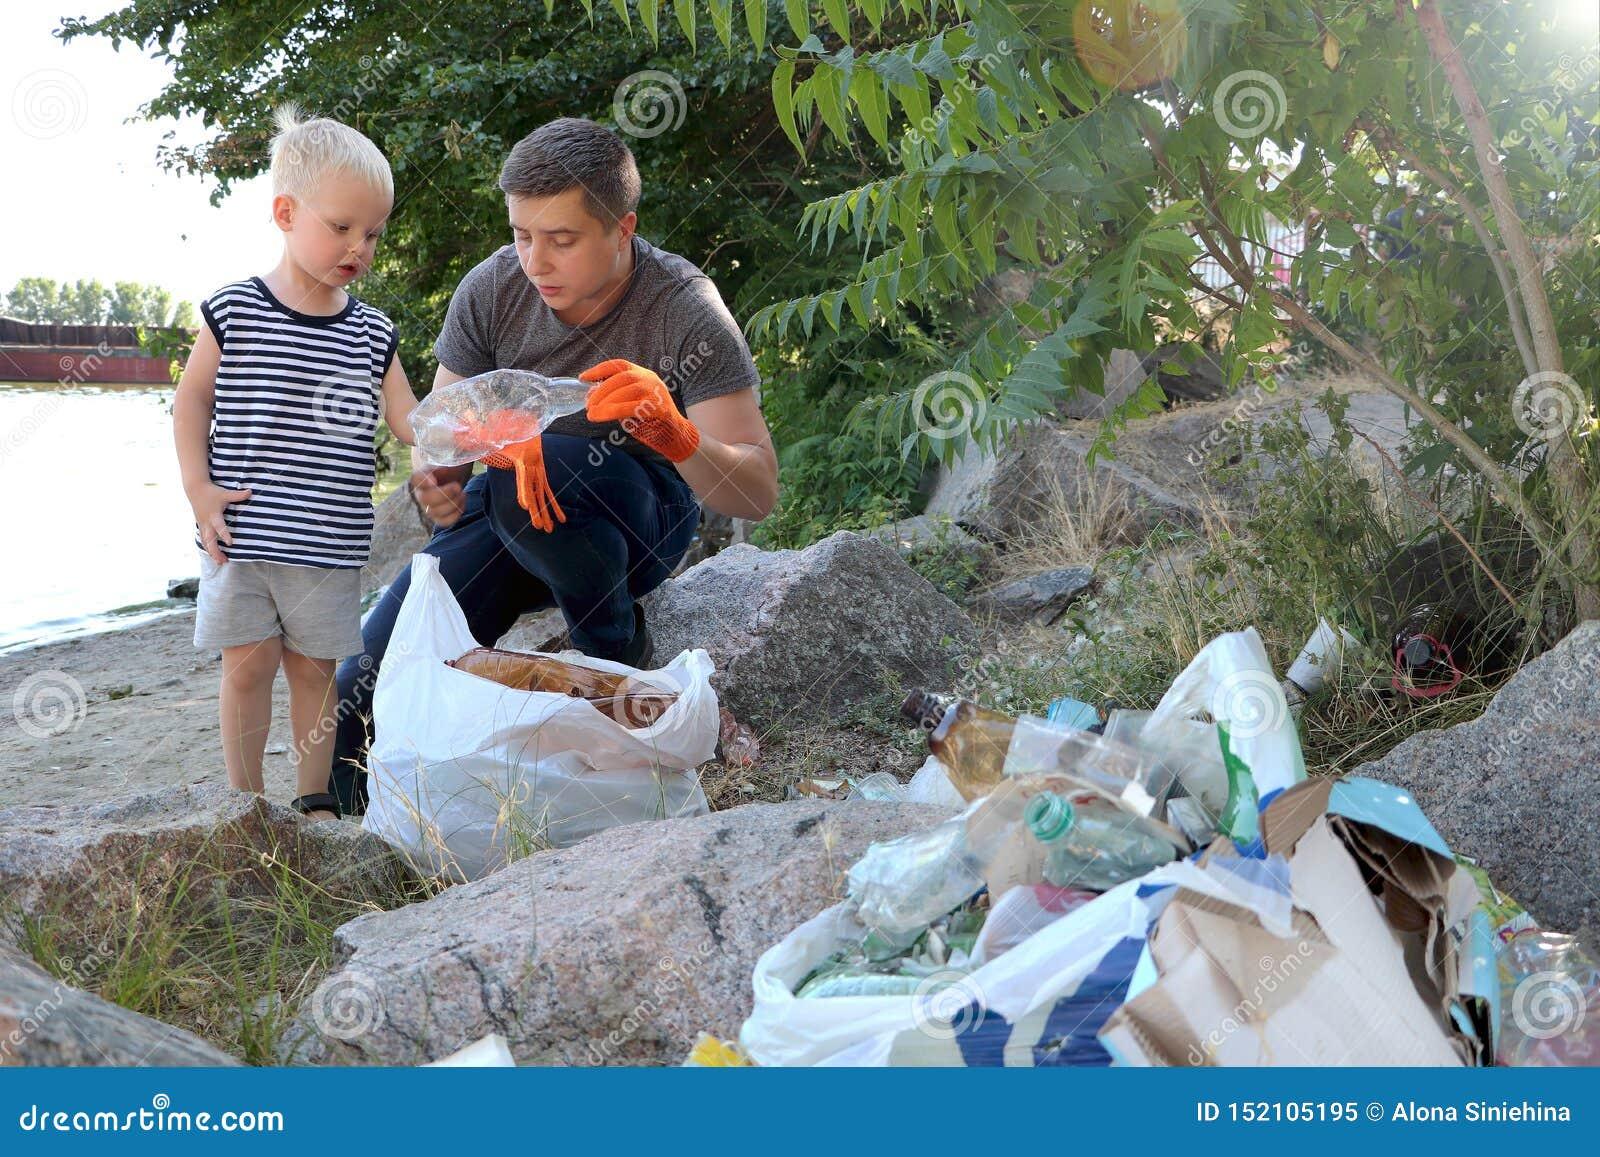 一个小孩子收集在海滩的垃圾 他的爸爸在哪里指向他的手指投掷垃圾 父母教孩子洁净